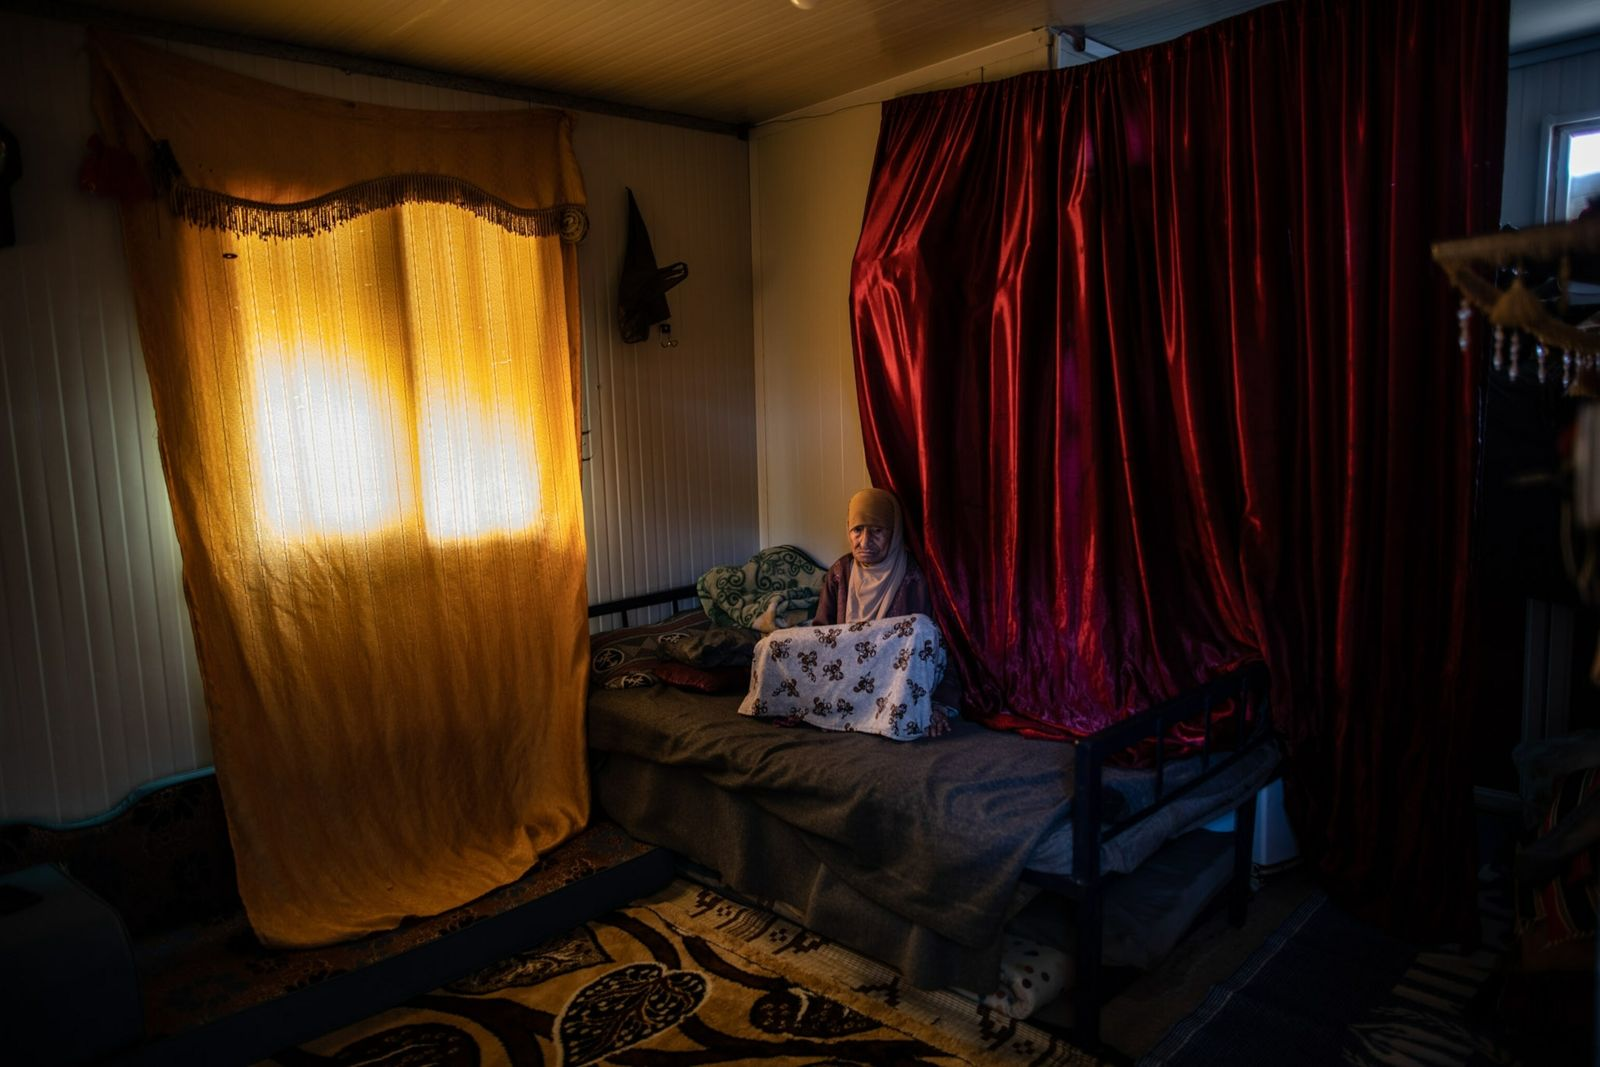 centro de refugiados - residente centenária